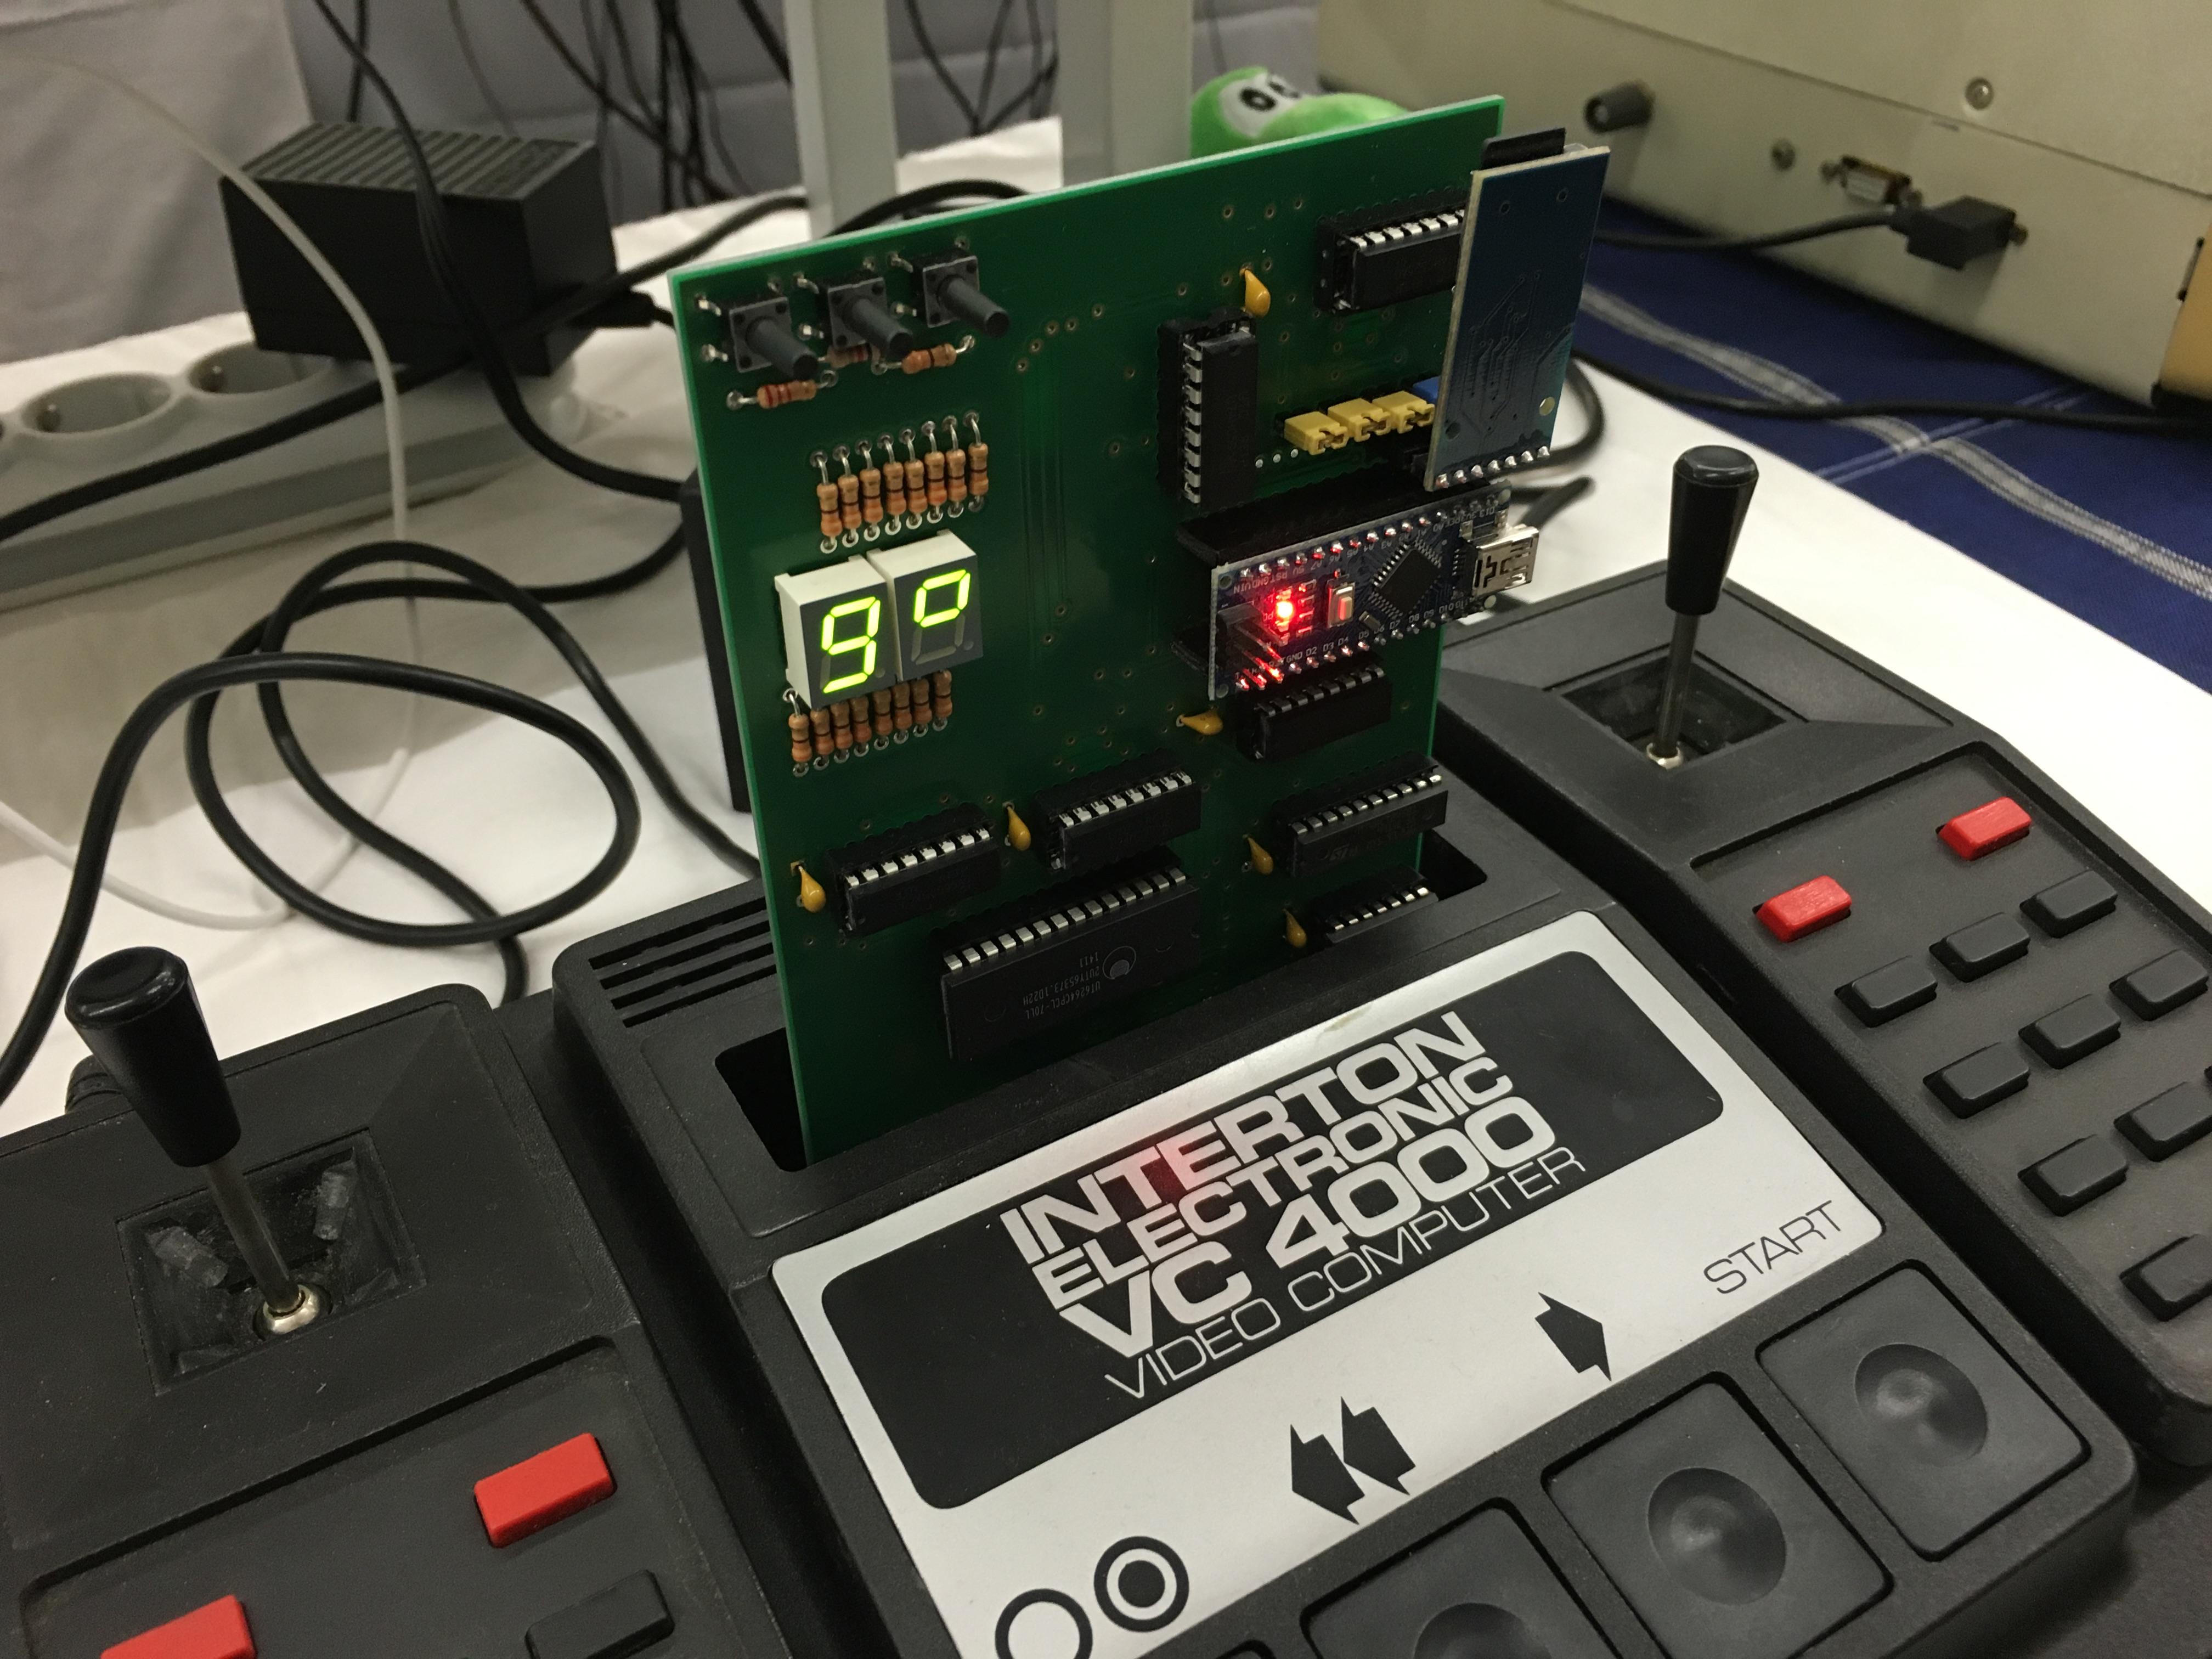 Classic Computing 2016: Wie Nordhorn für ein Wochenende zu Nerdhome wurde - Ein Modul mit vielen Spielen dank moderner Microcontroller und SD-Karten (Bild: Mario Keller)